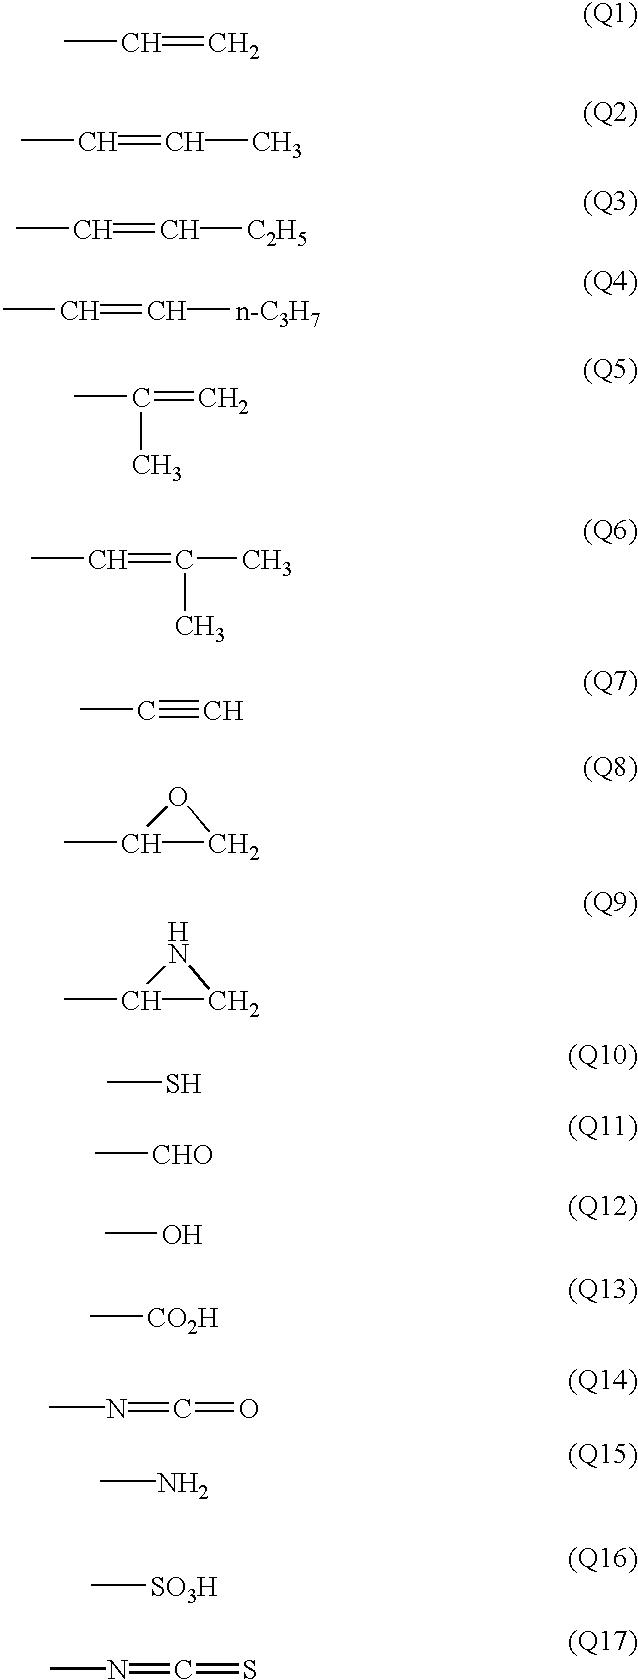 Figure US06583832-20030624-C00001